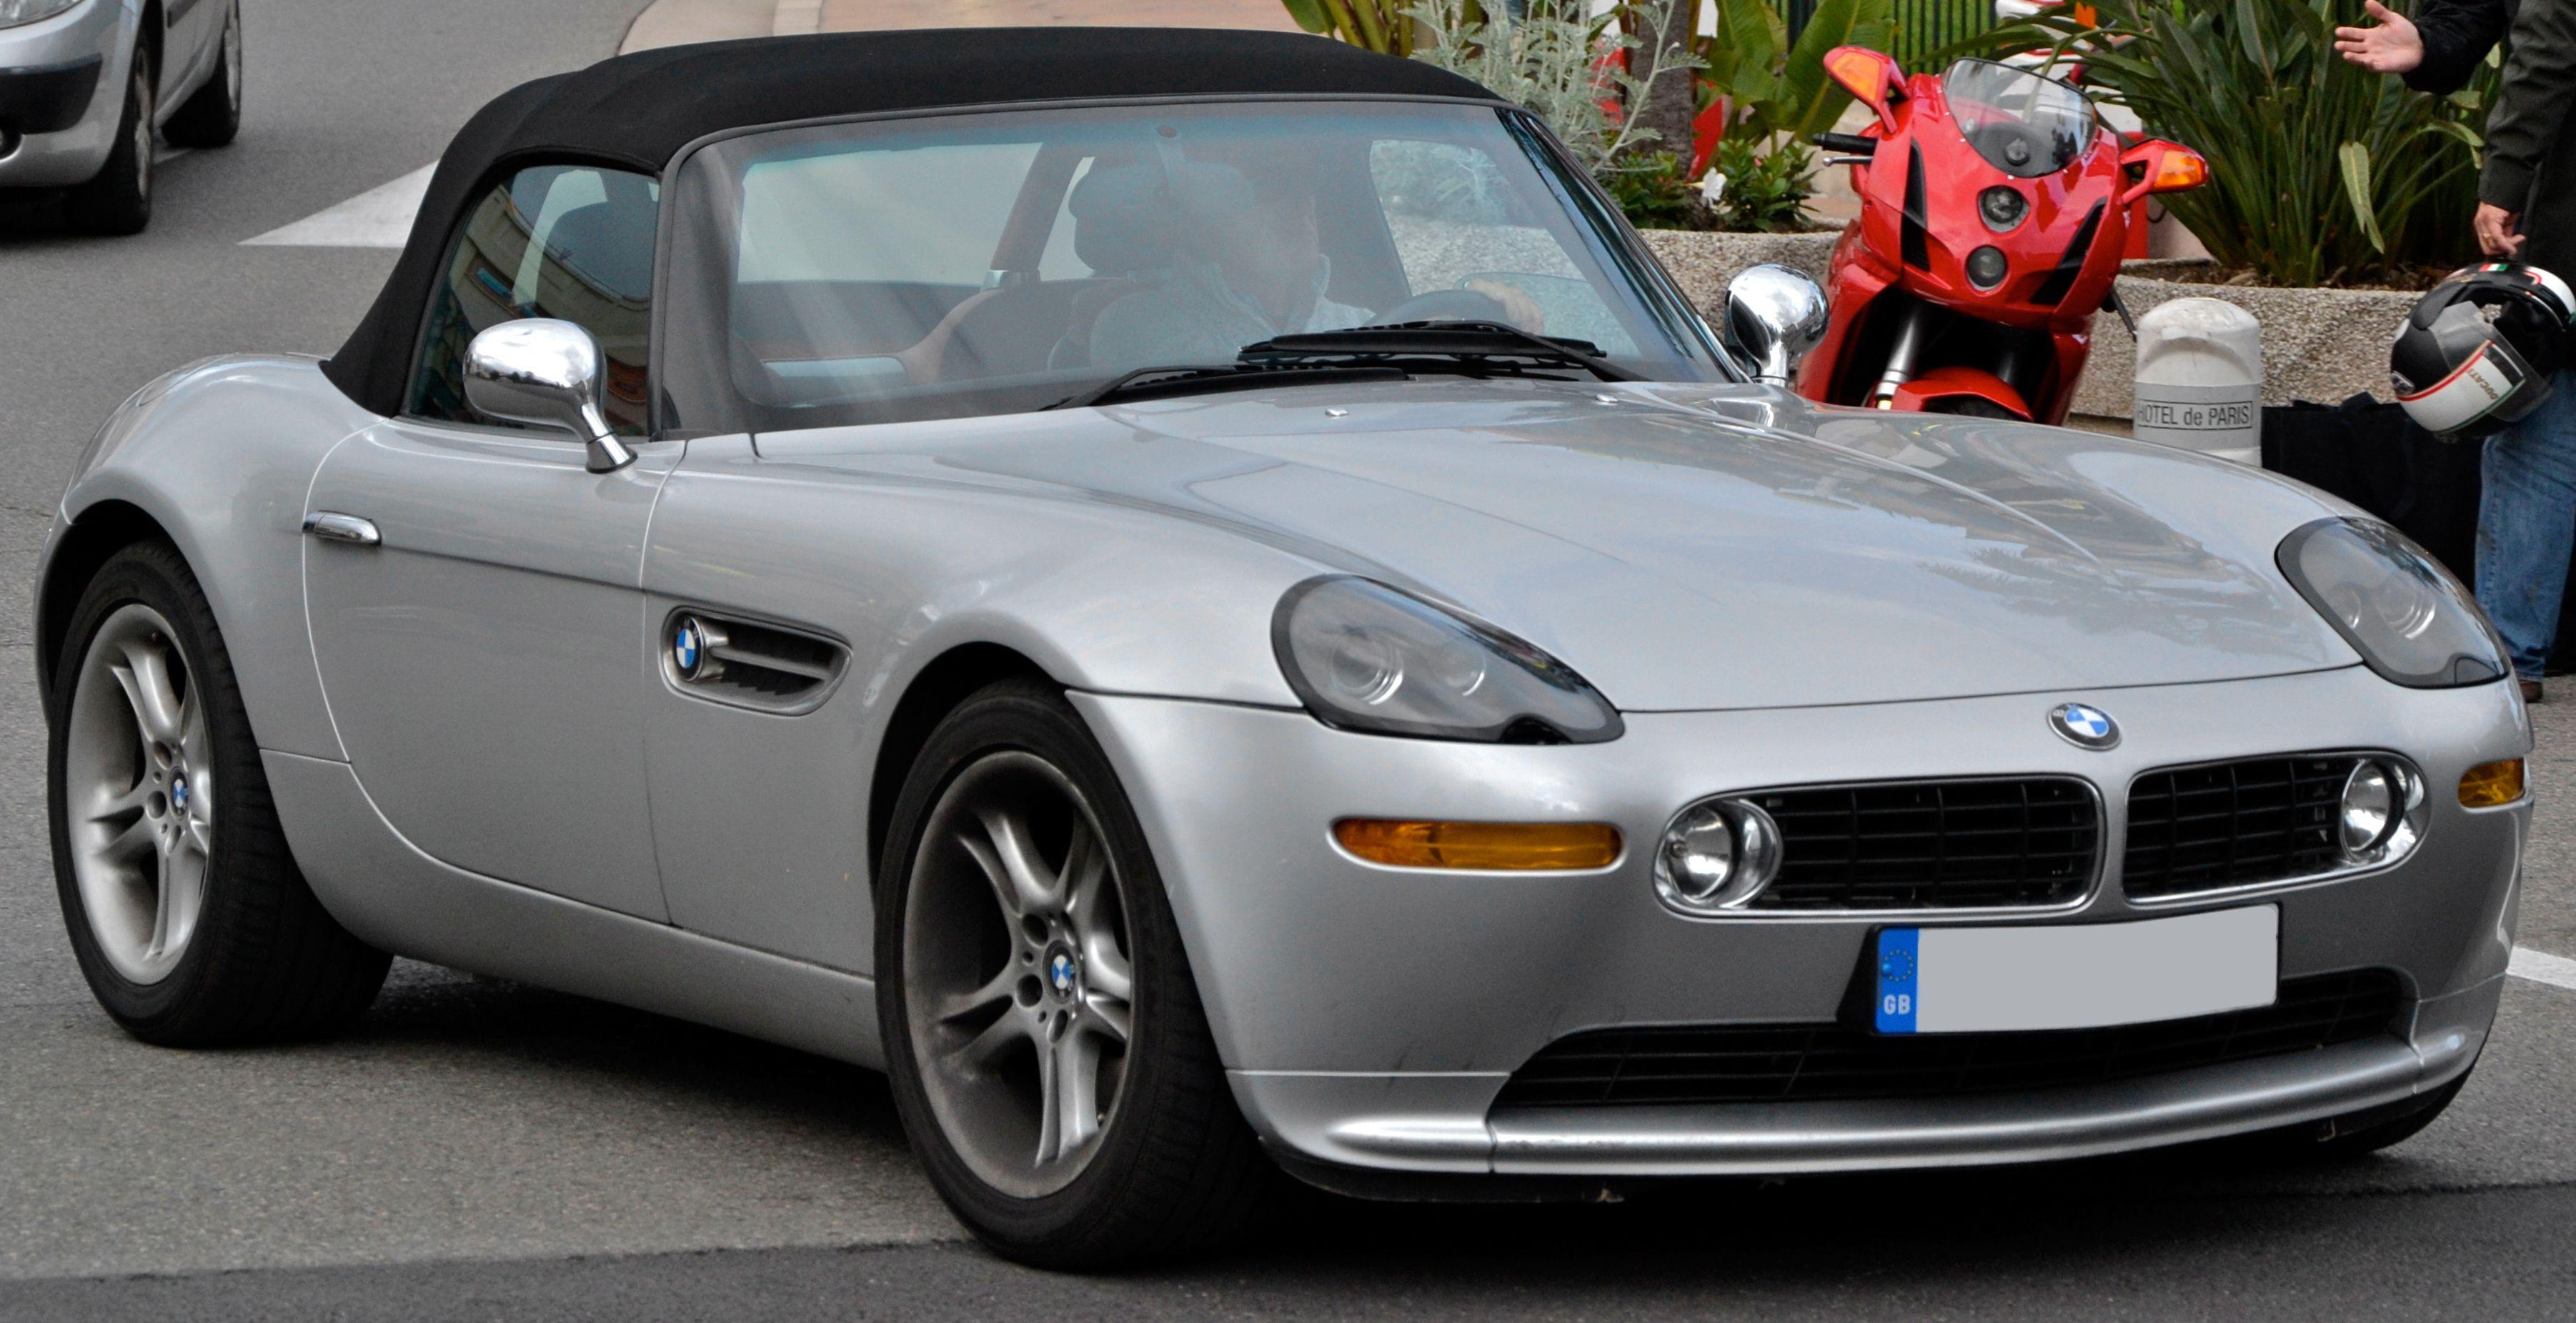 bmw z8 flickr alexandre pr vot 2 cropped jpg 3605 1852 rh pinterest com BMW Z10 BMW Z4